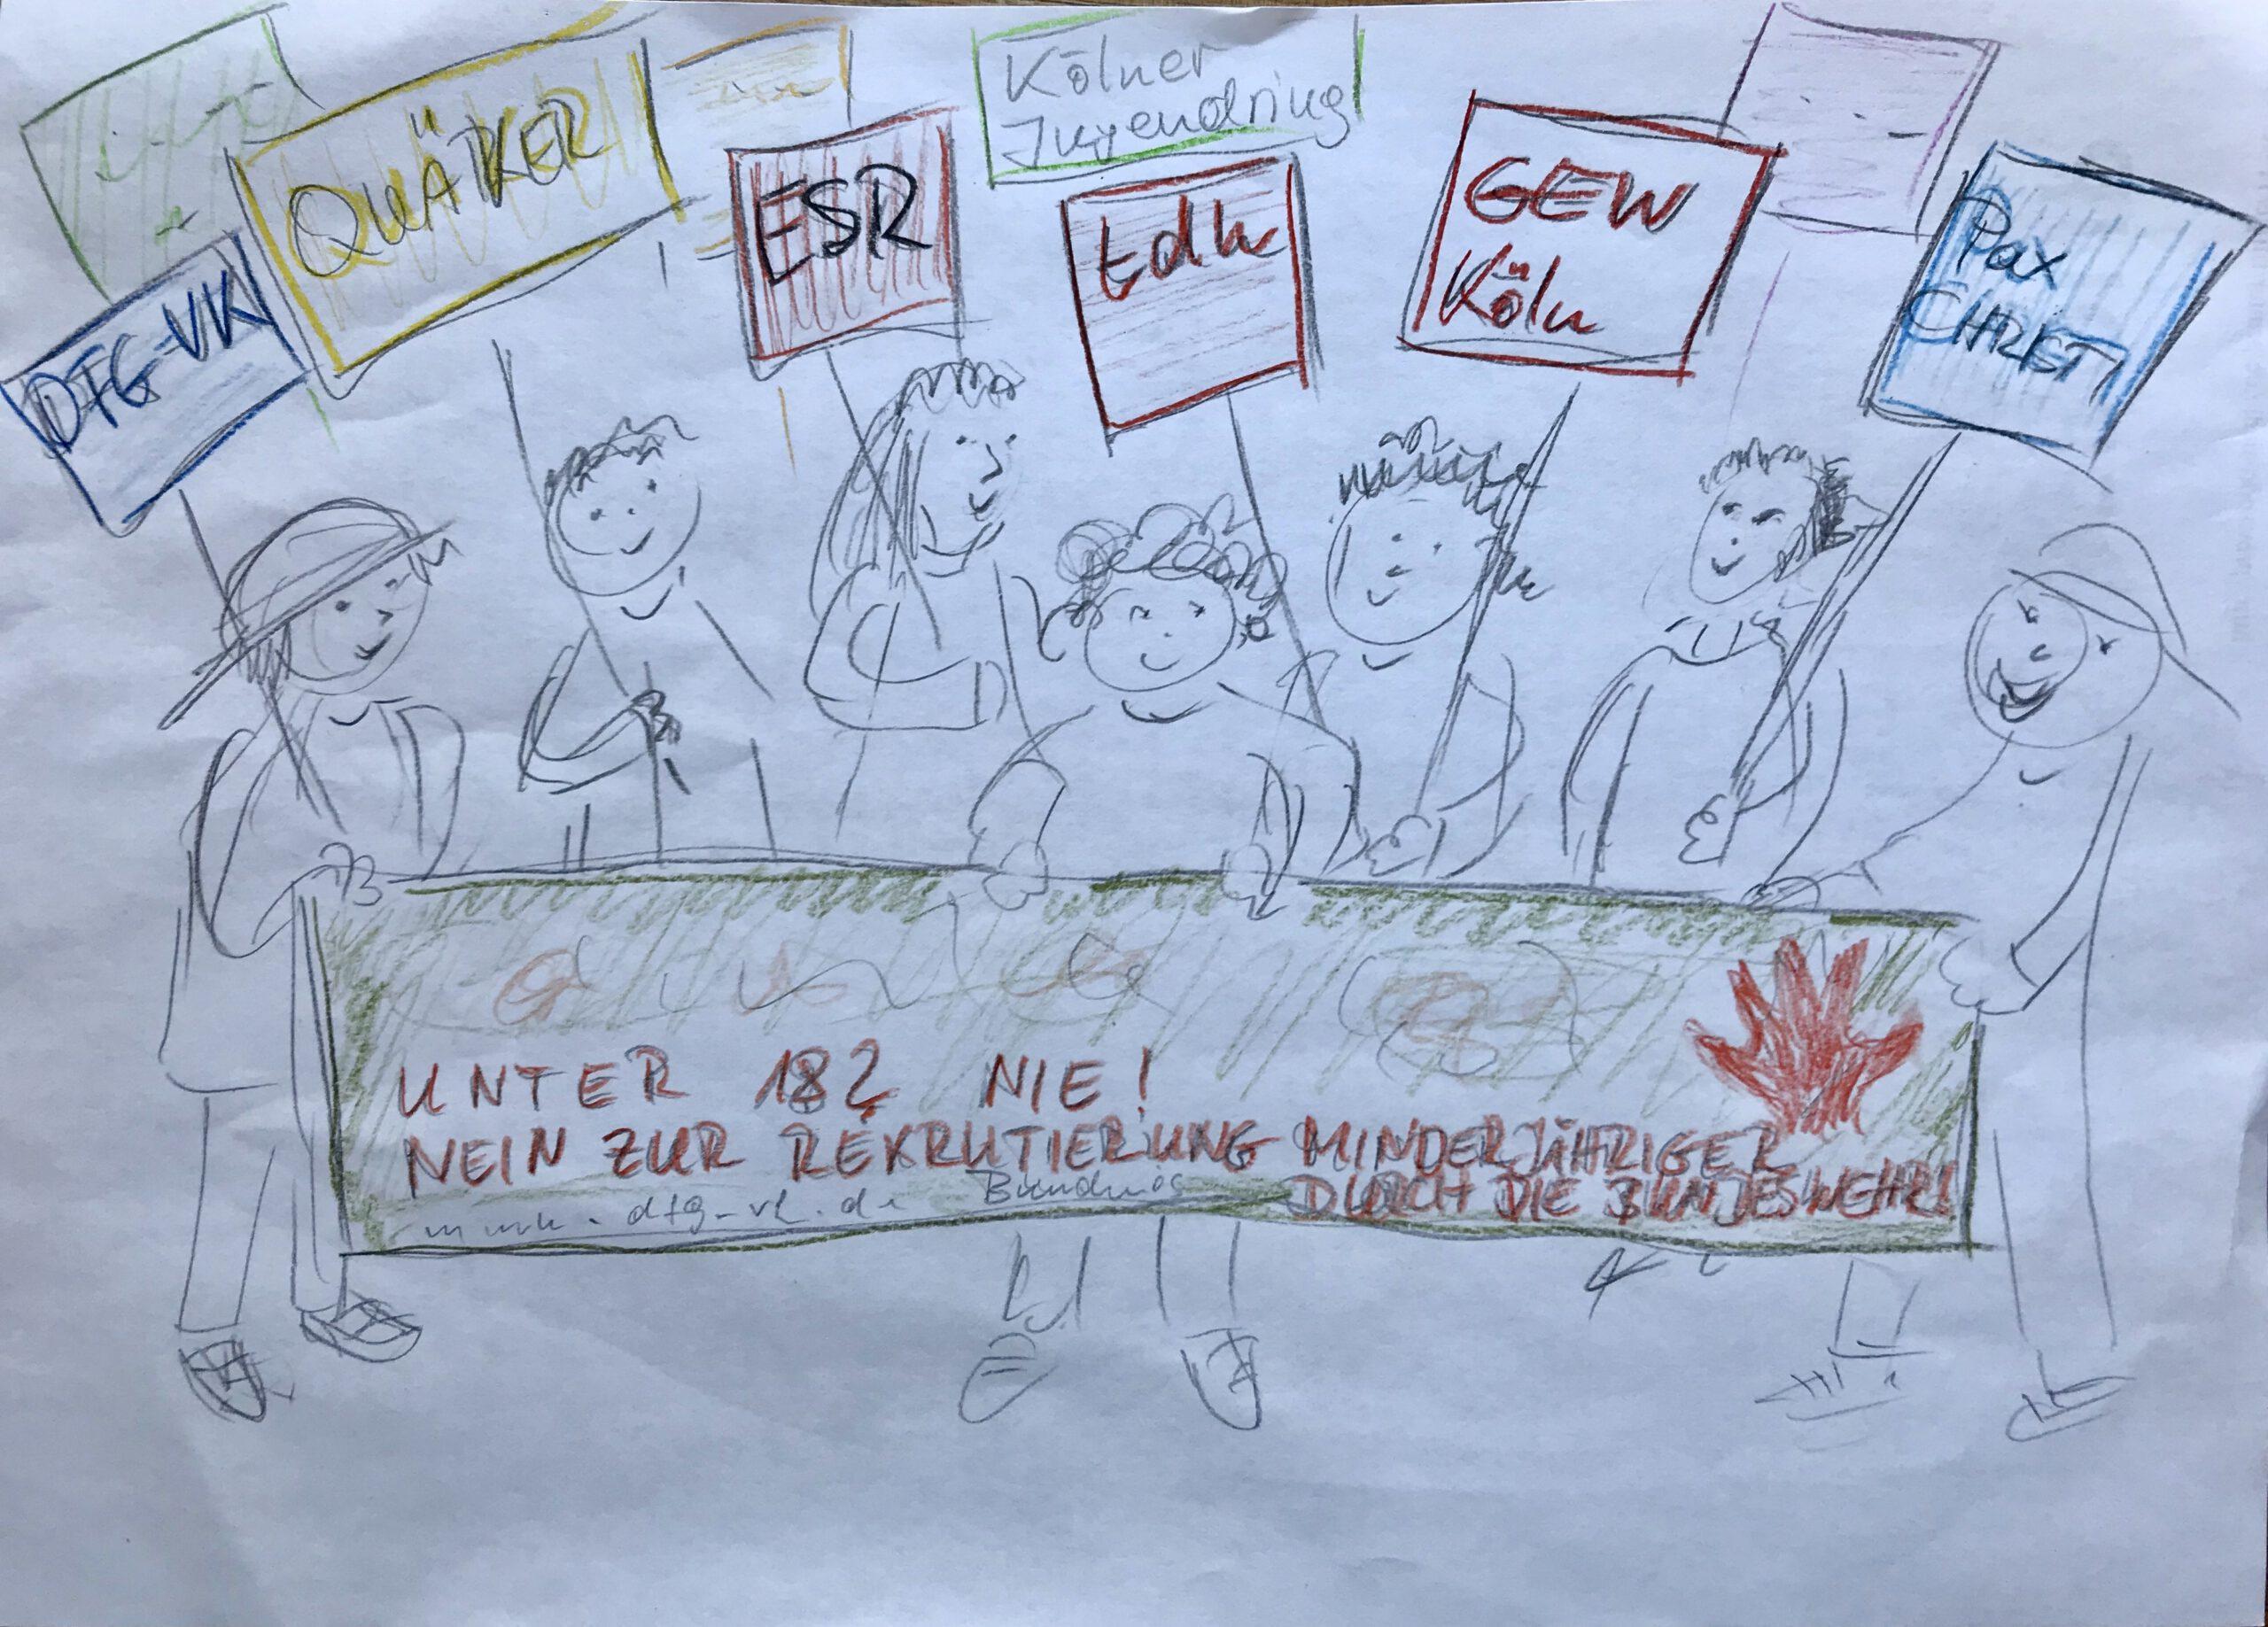 Skizze einer Kundgebung mehrerer Menschen, die hinter dem Banner stehen und Schilder mit Organisationsbezeichnungen hochhalten, bspw. DFG-VK, tdh, GEW Köln.